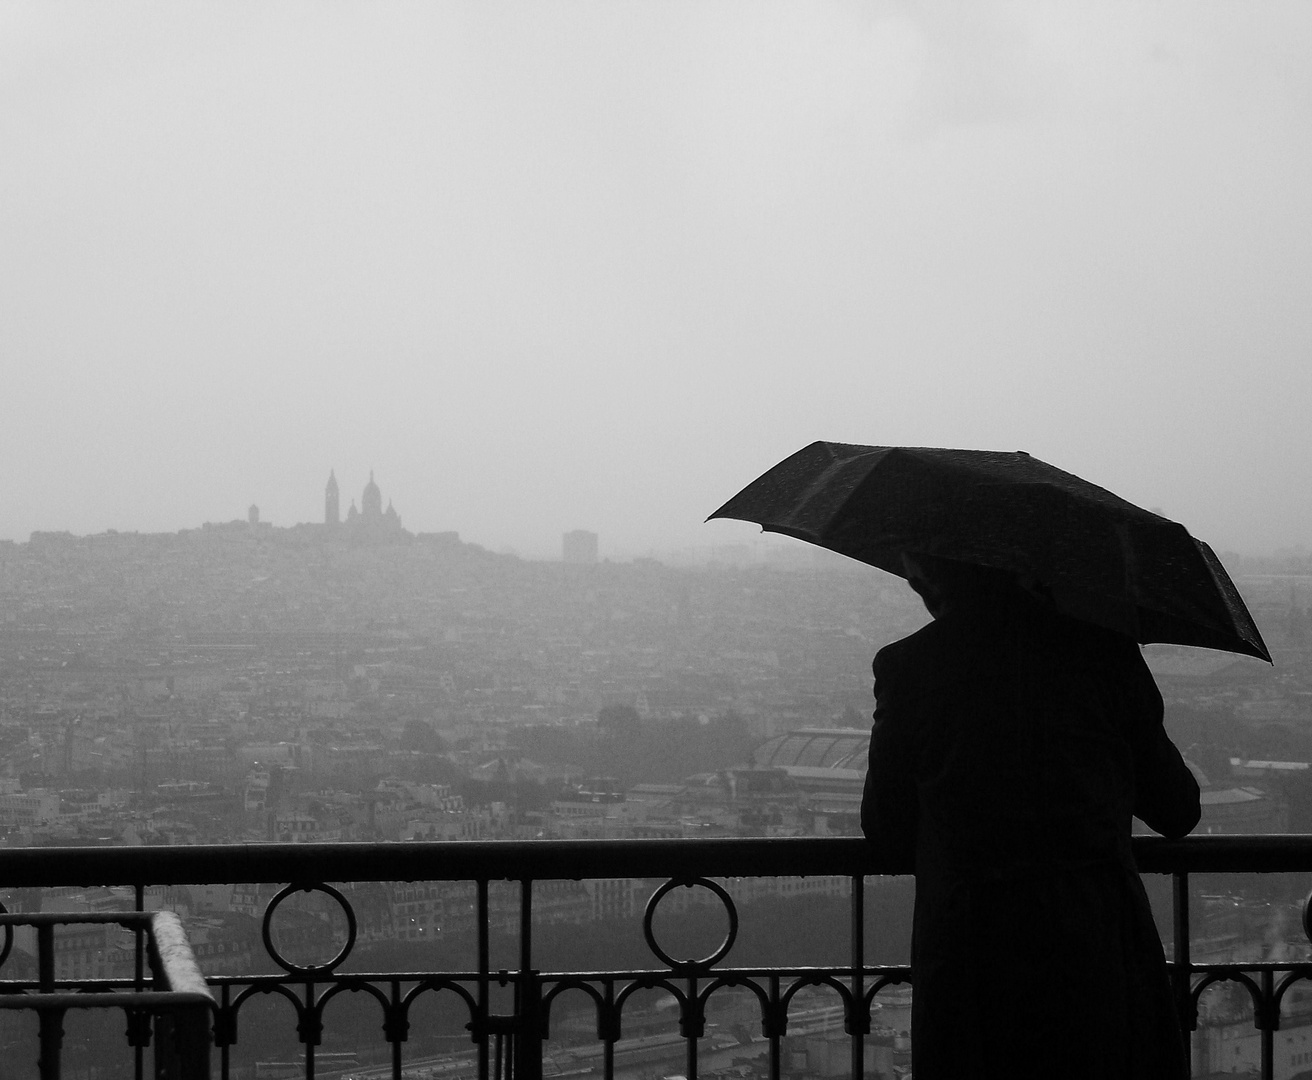 regnerische Aussichten